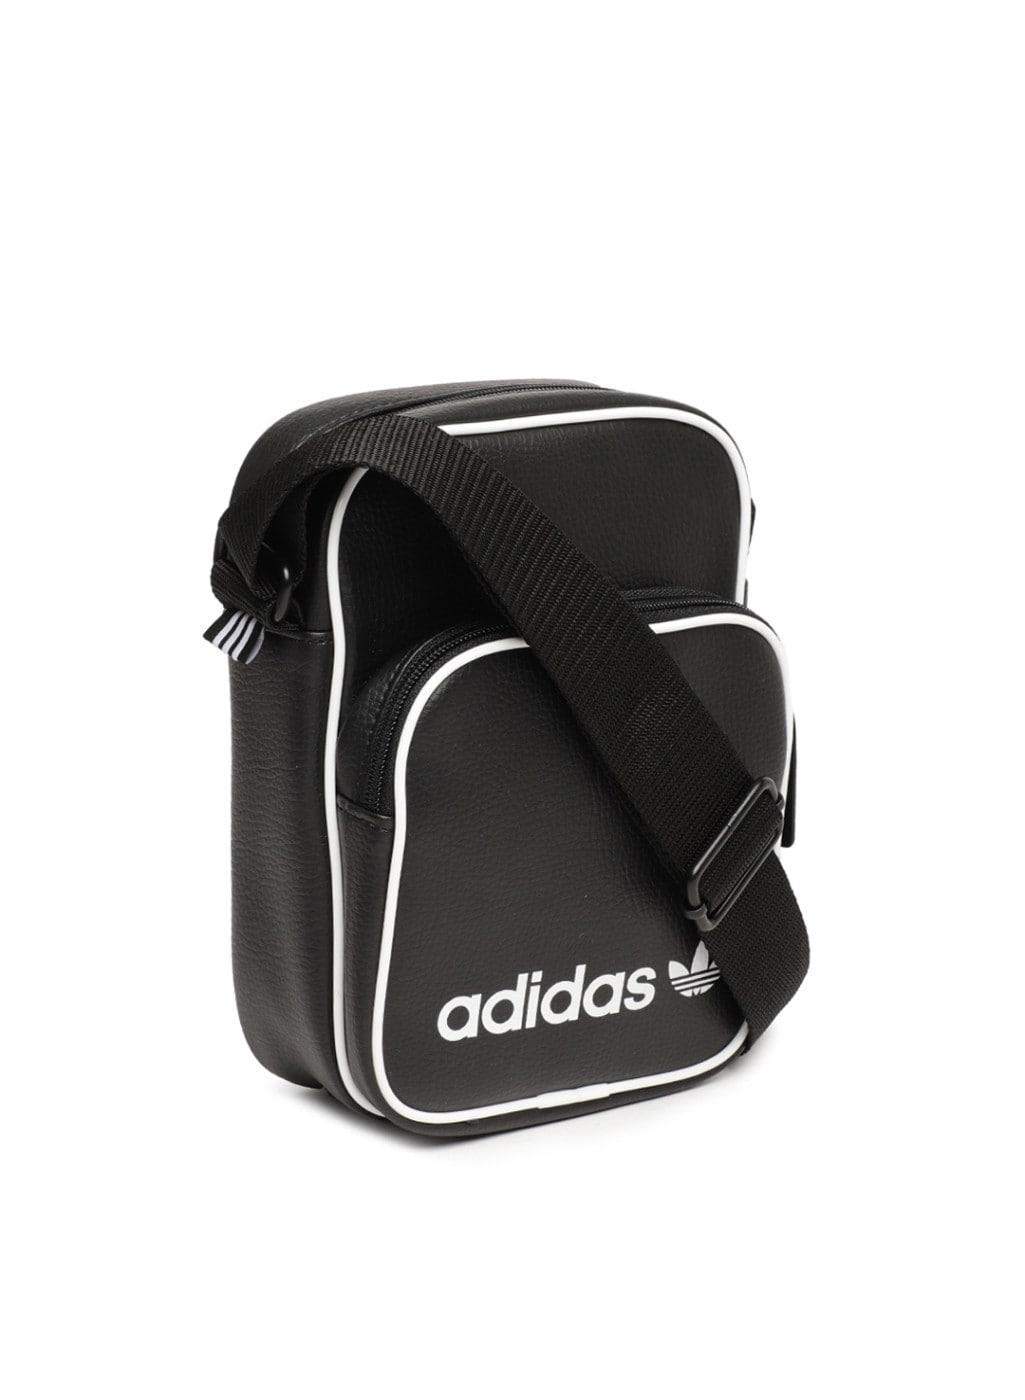 d816e122283d2e Adidas Originals - Buy Adidas Originals online in India - Jabong